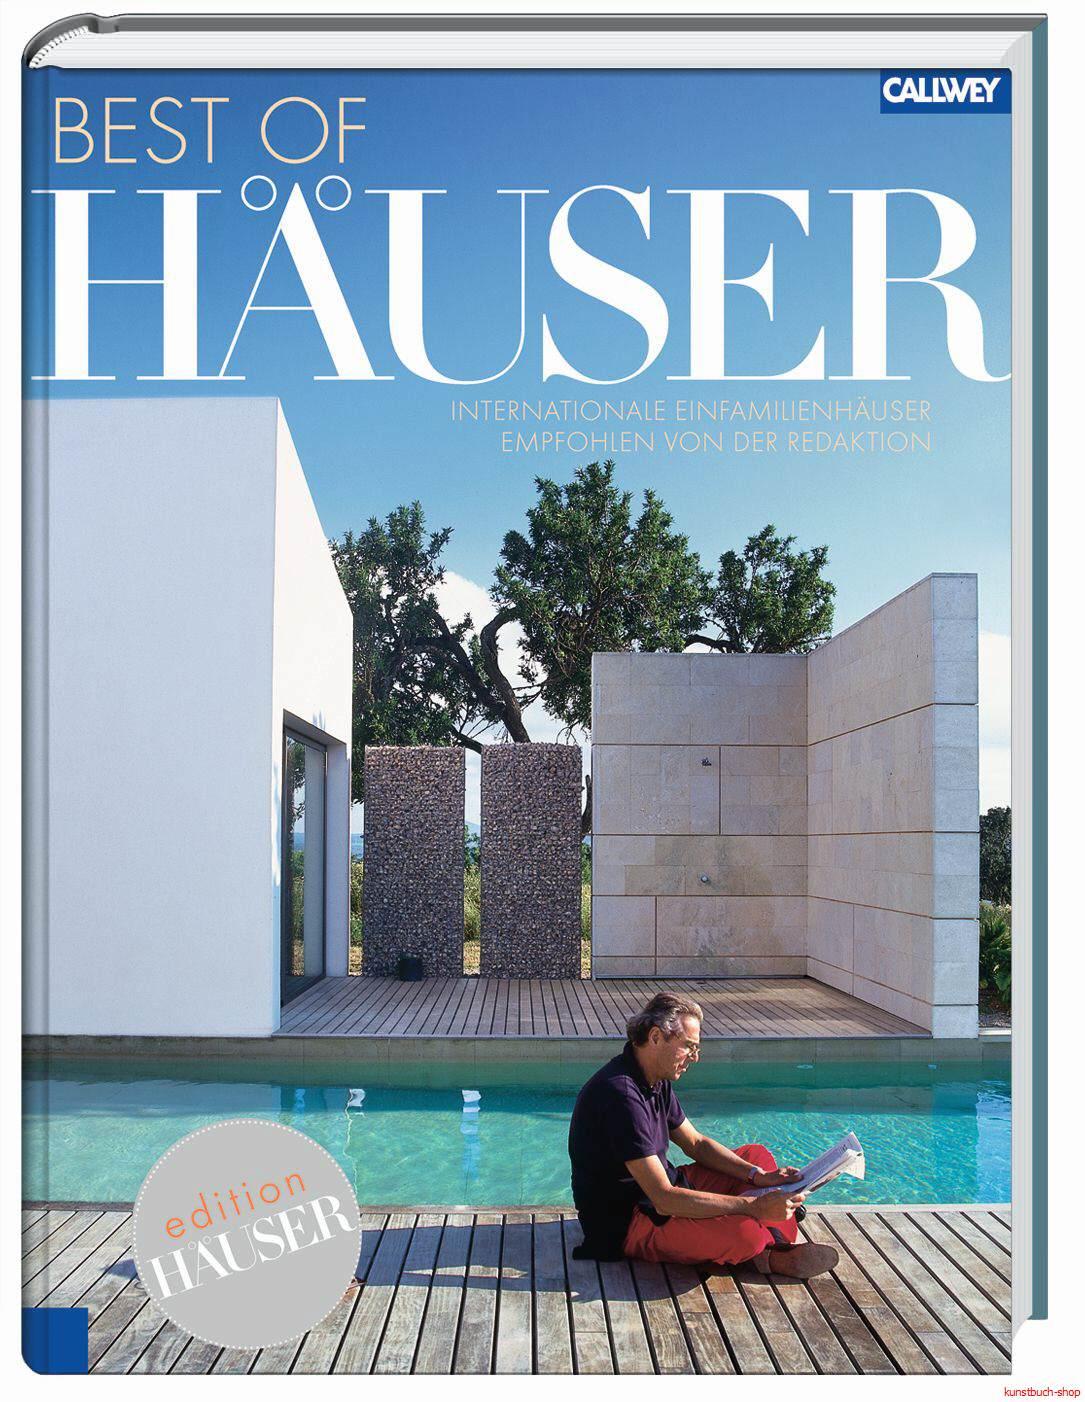 Best of häuser internationale einfamilienhäuser